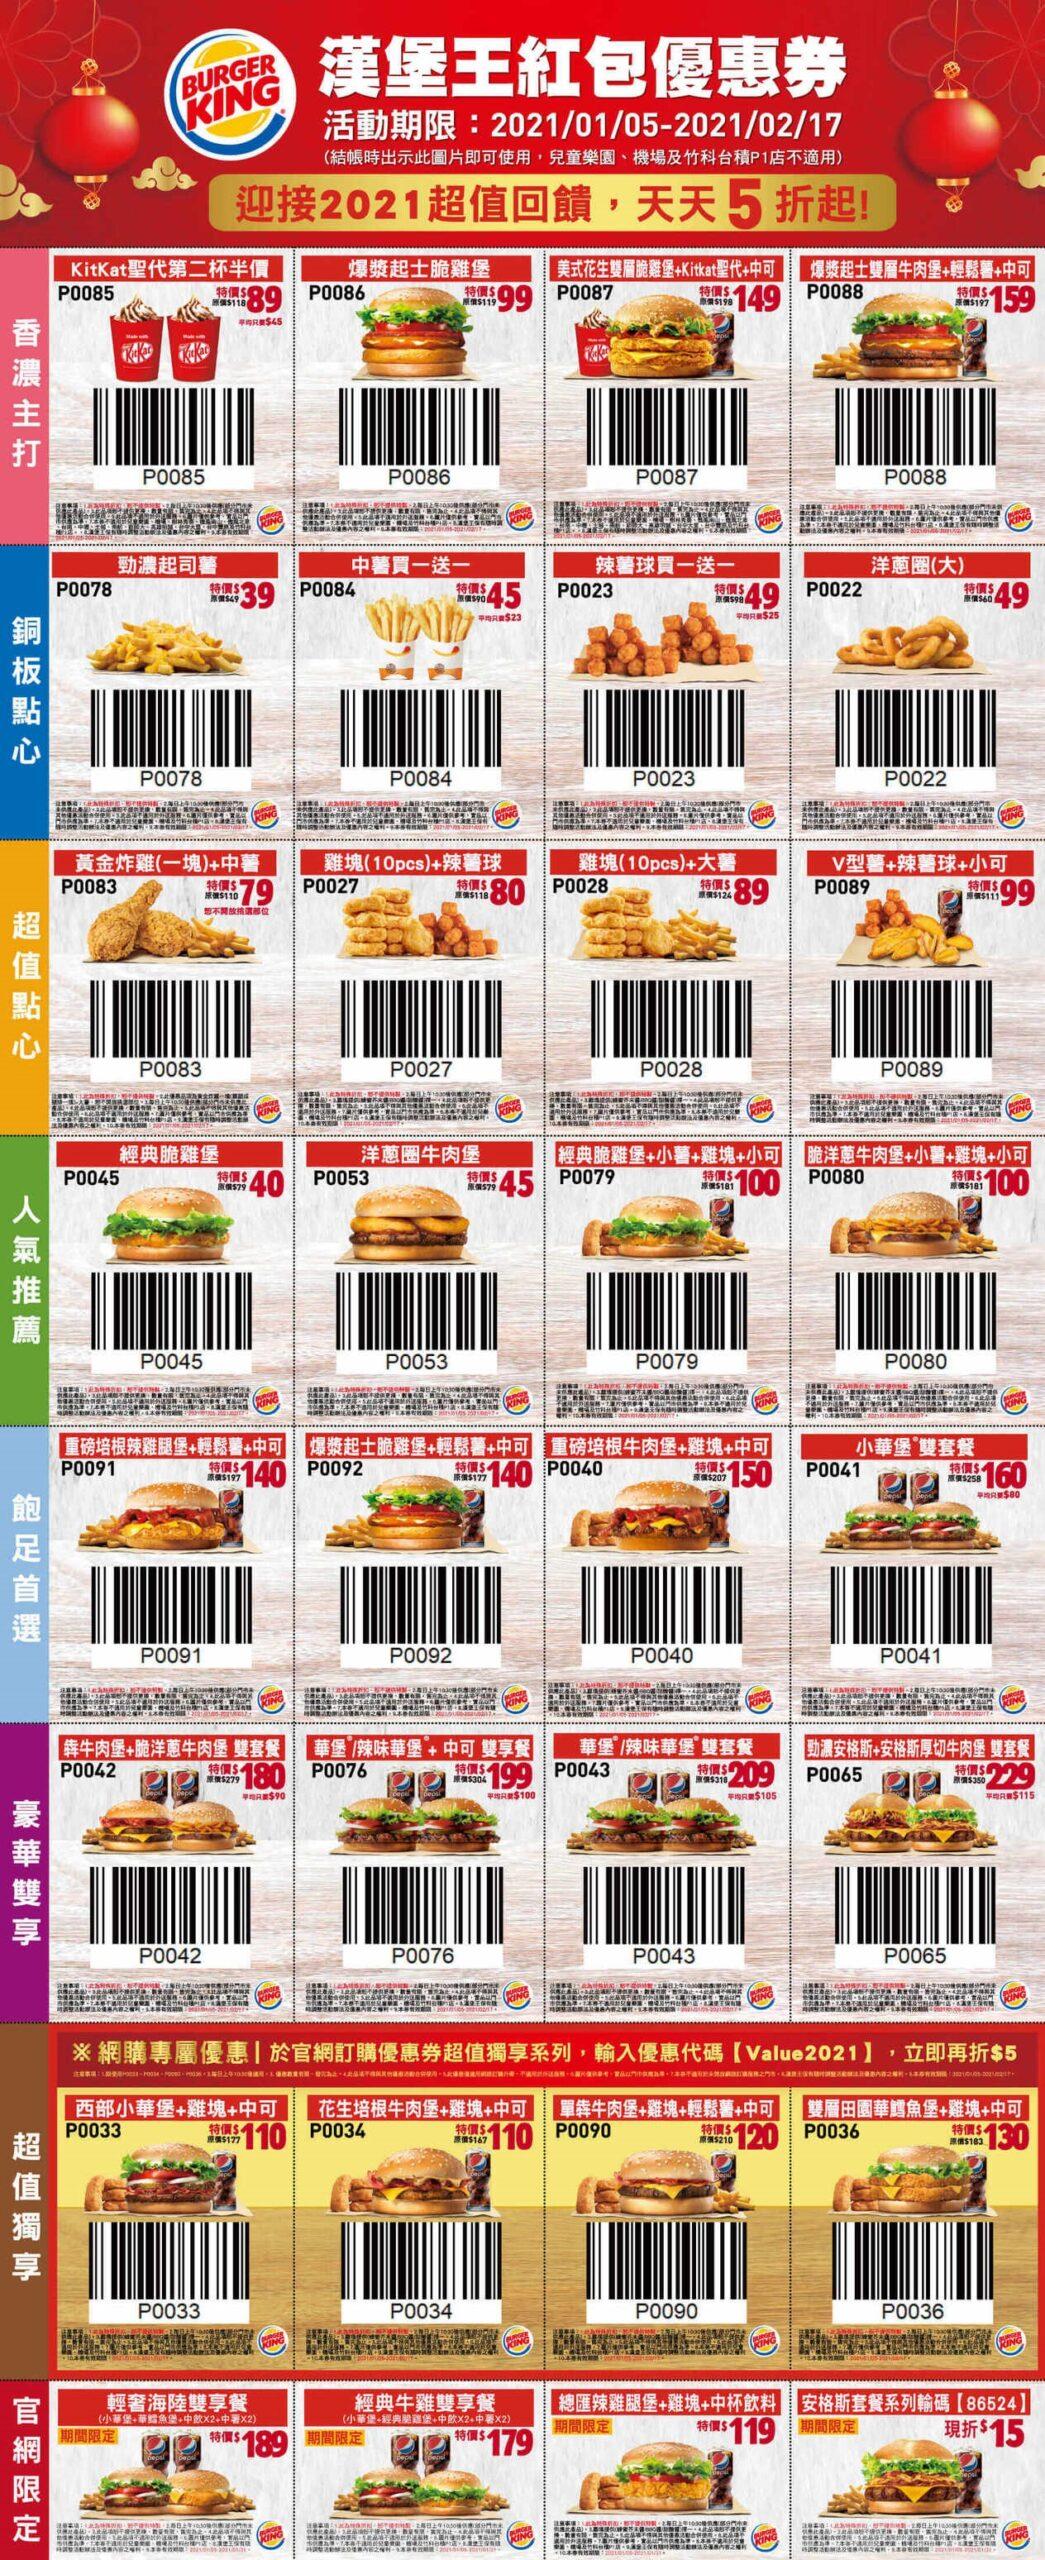 漢堡王2021年優惠券